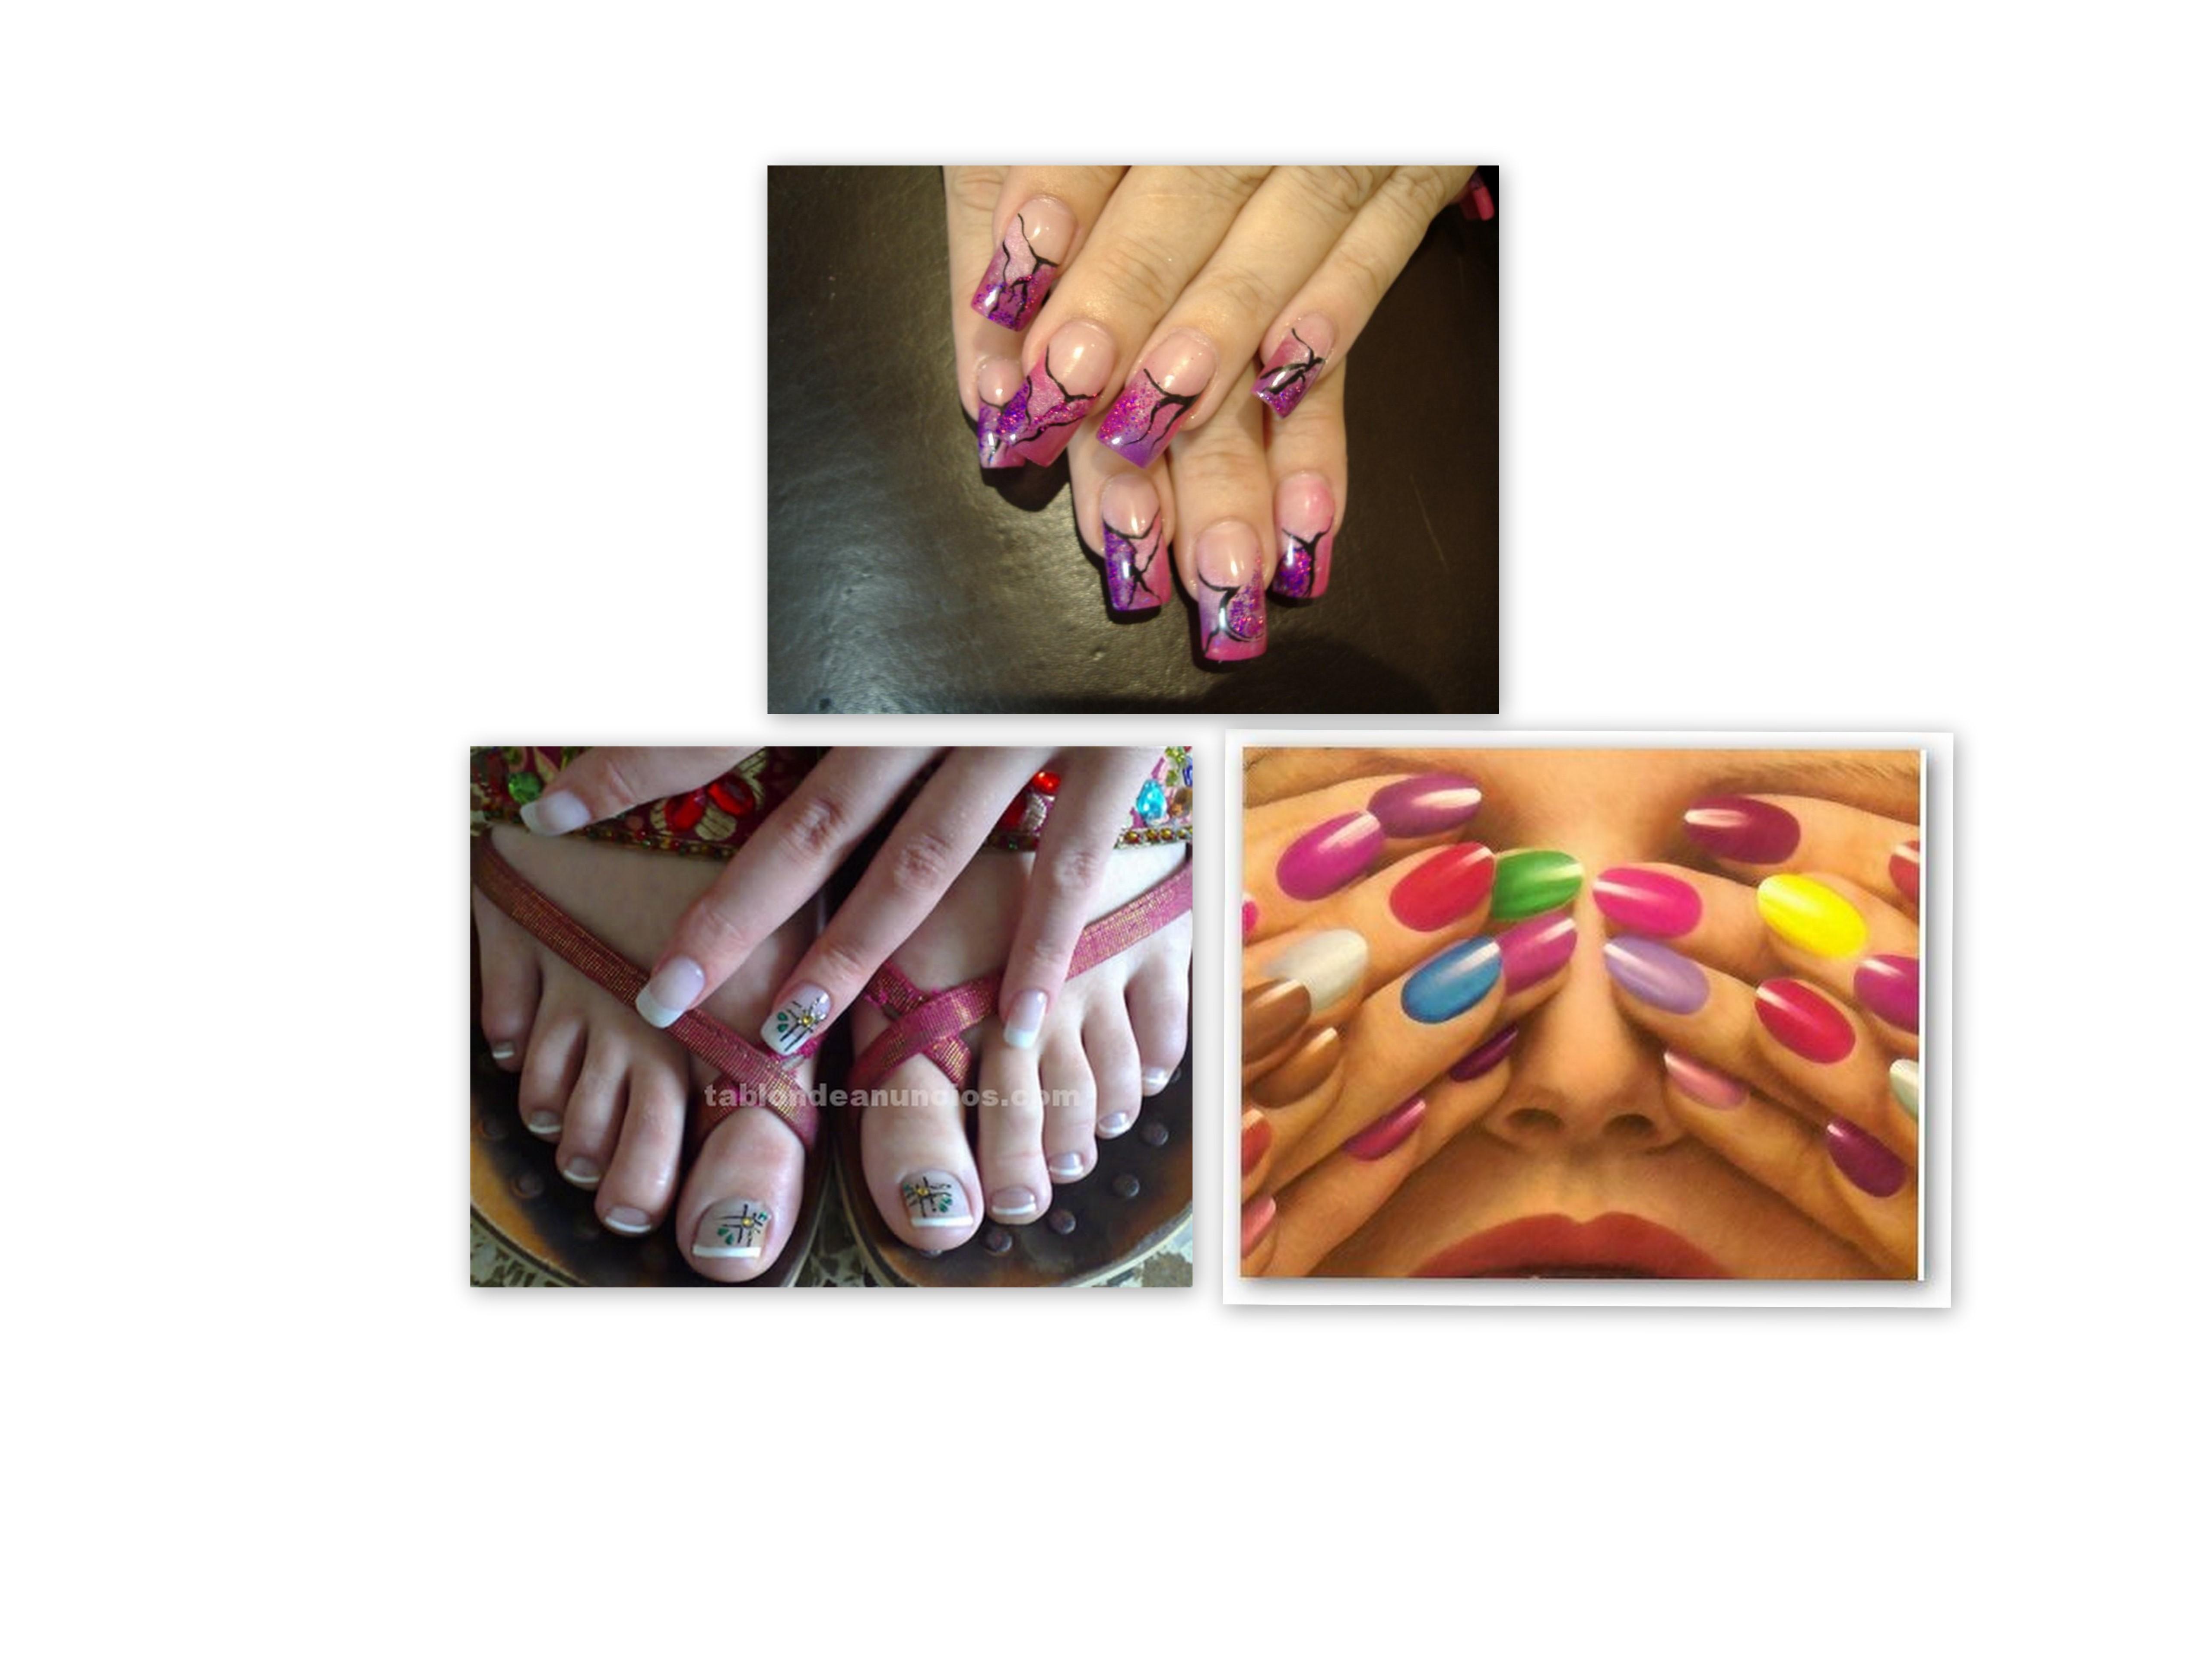 Aqui tienes algunos consejos más sobre uñas: